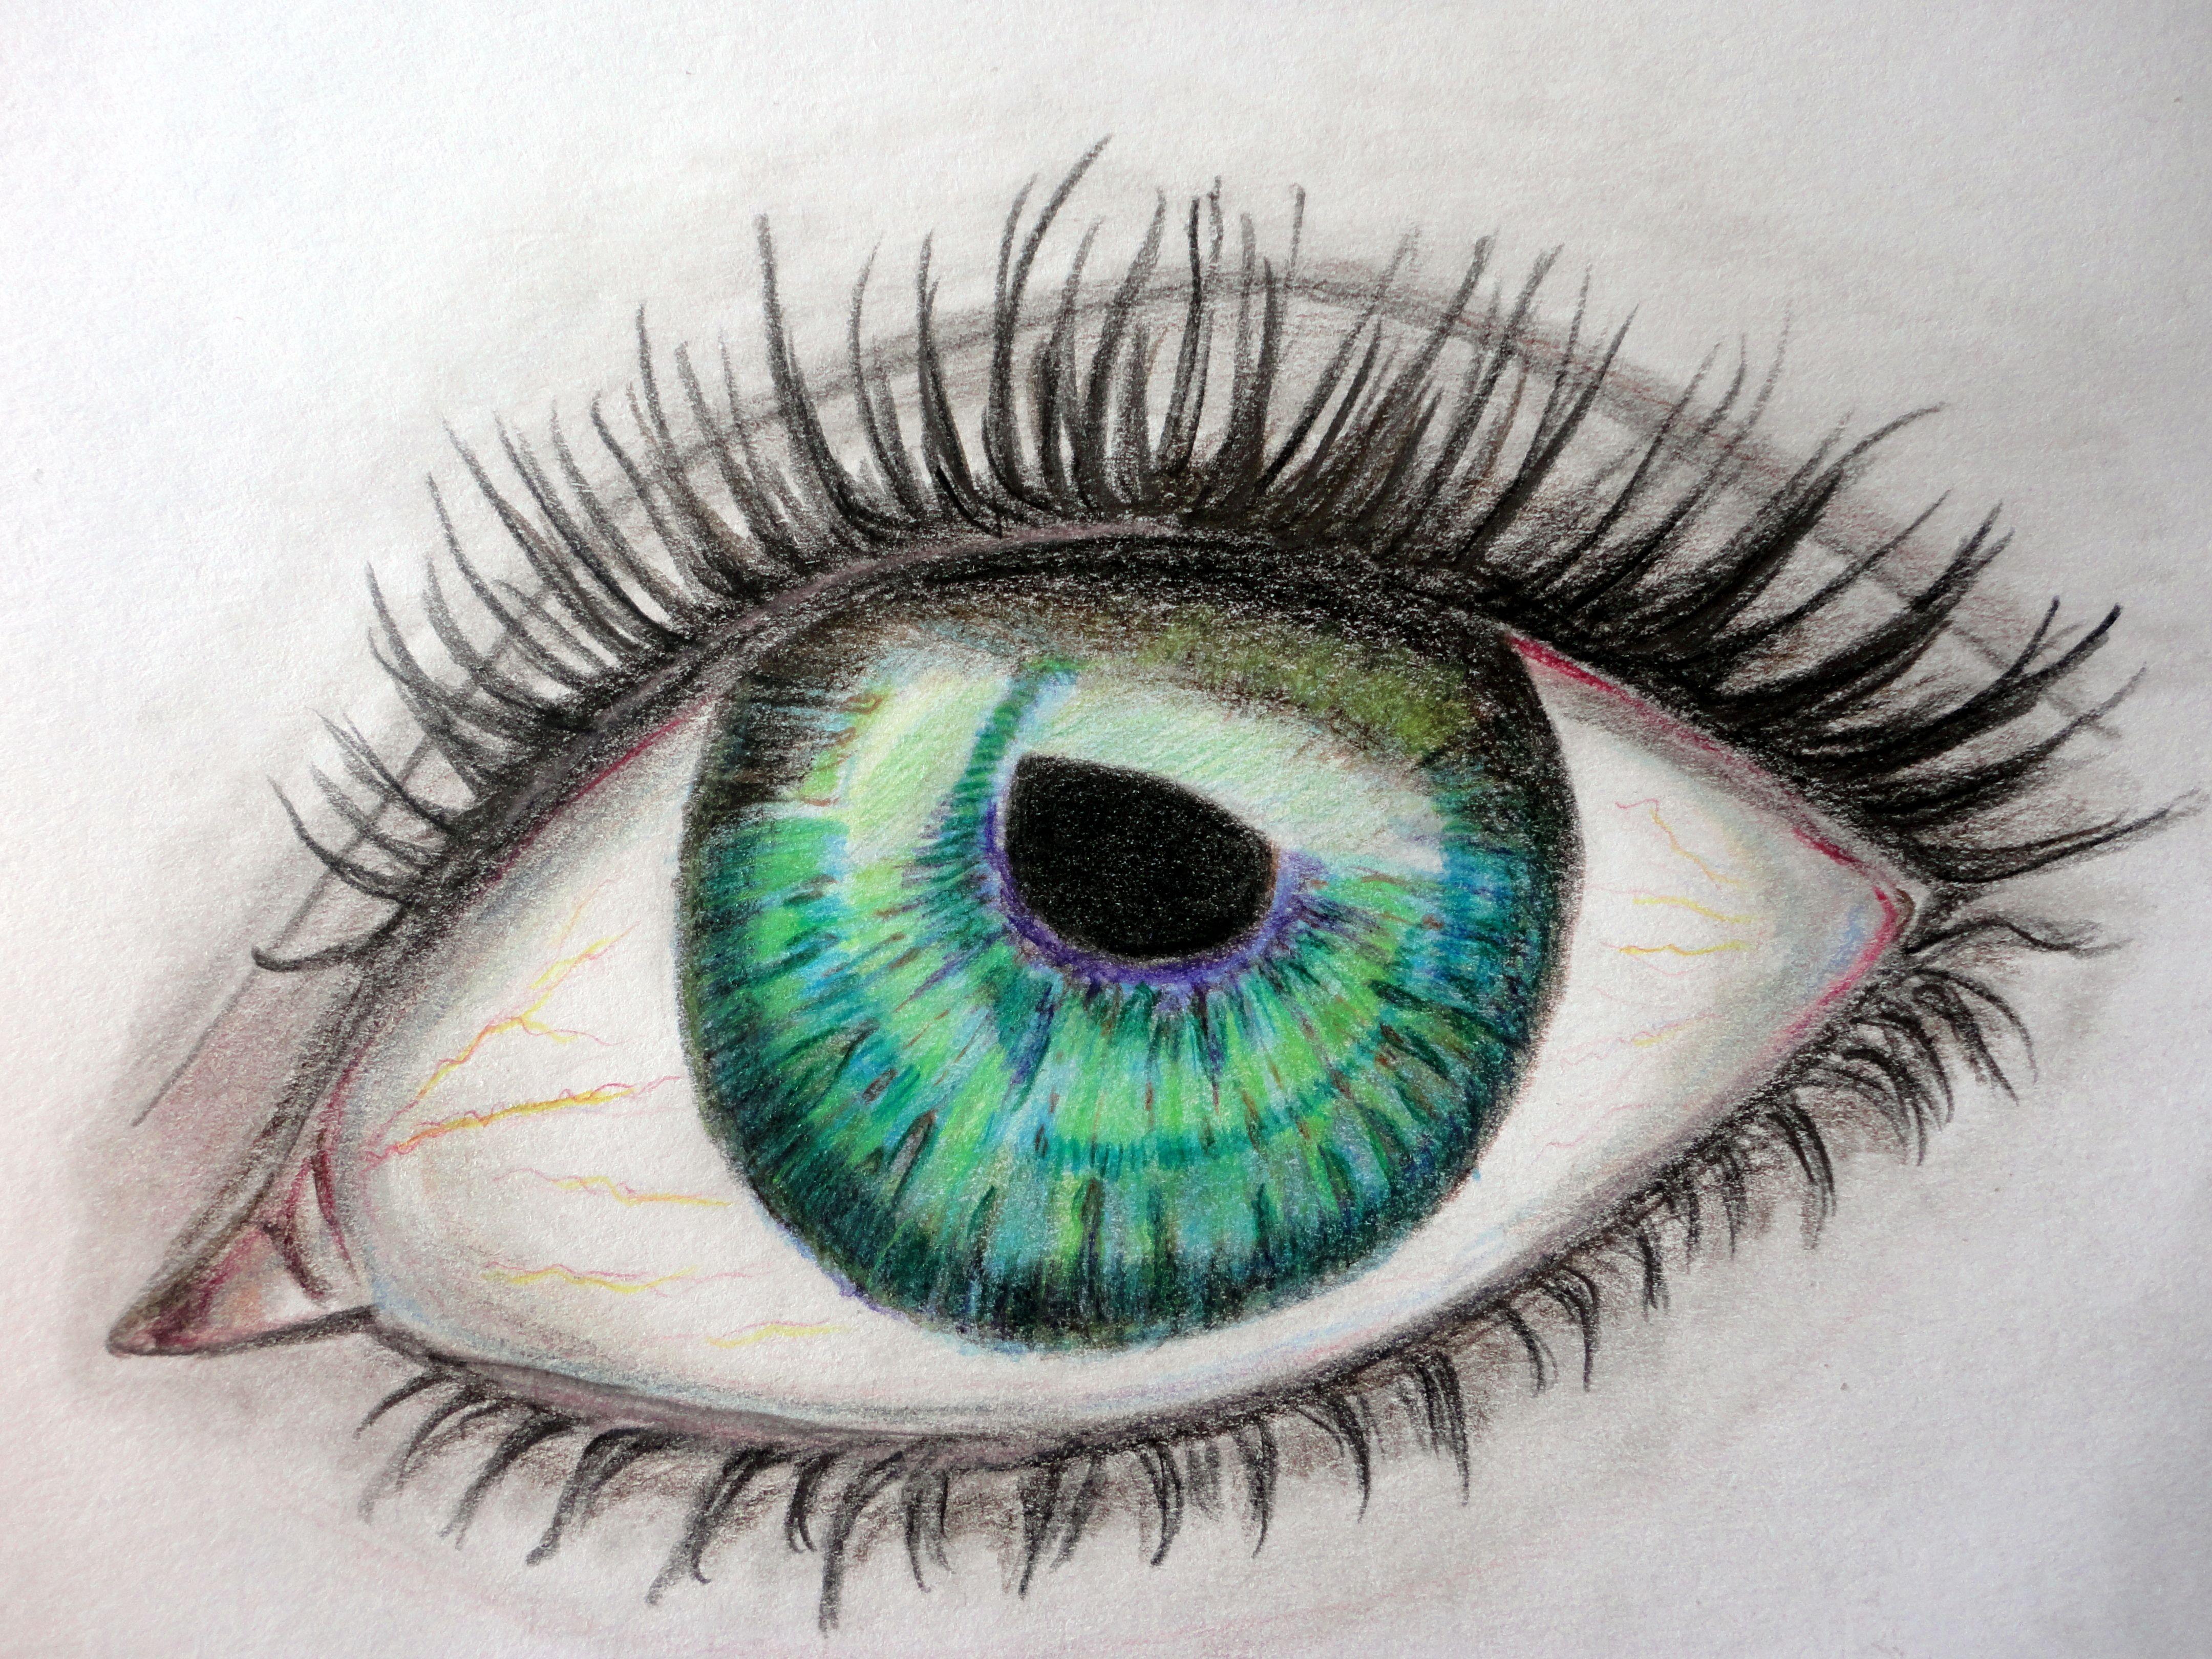 desenho de um olho com l pis de cor inspirado no do pinterest malay modificado em 24 6 14. Black Bedroom Furniture Sets. Home Design Ideas